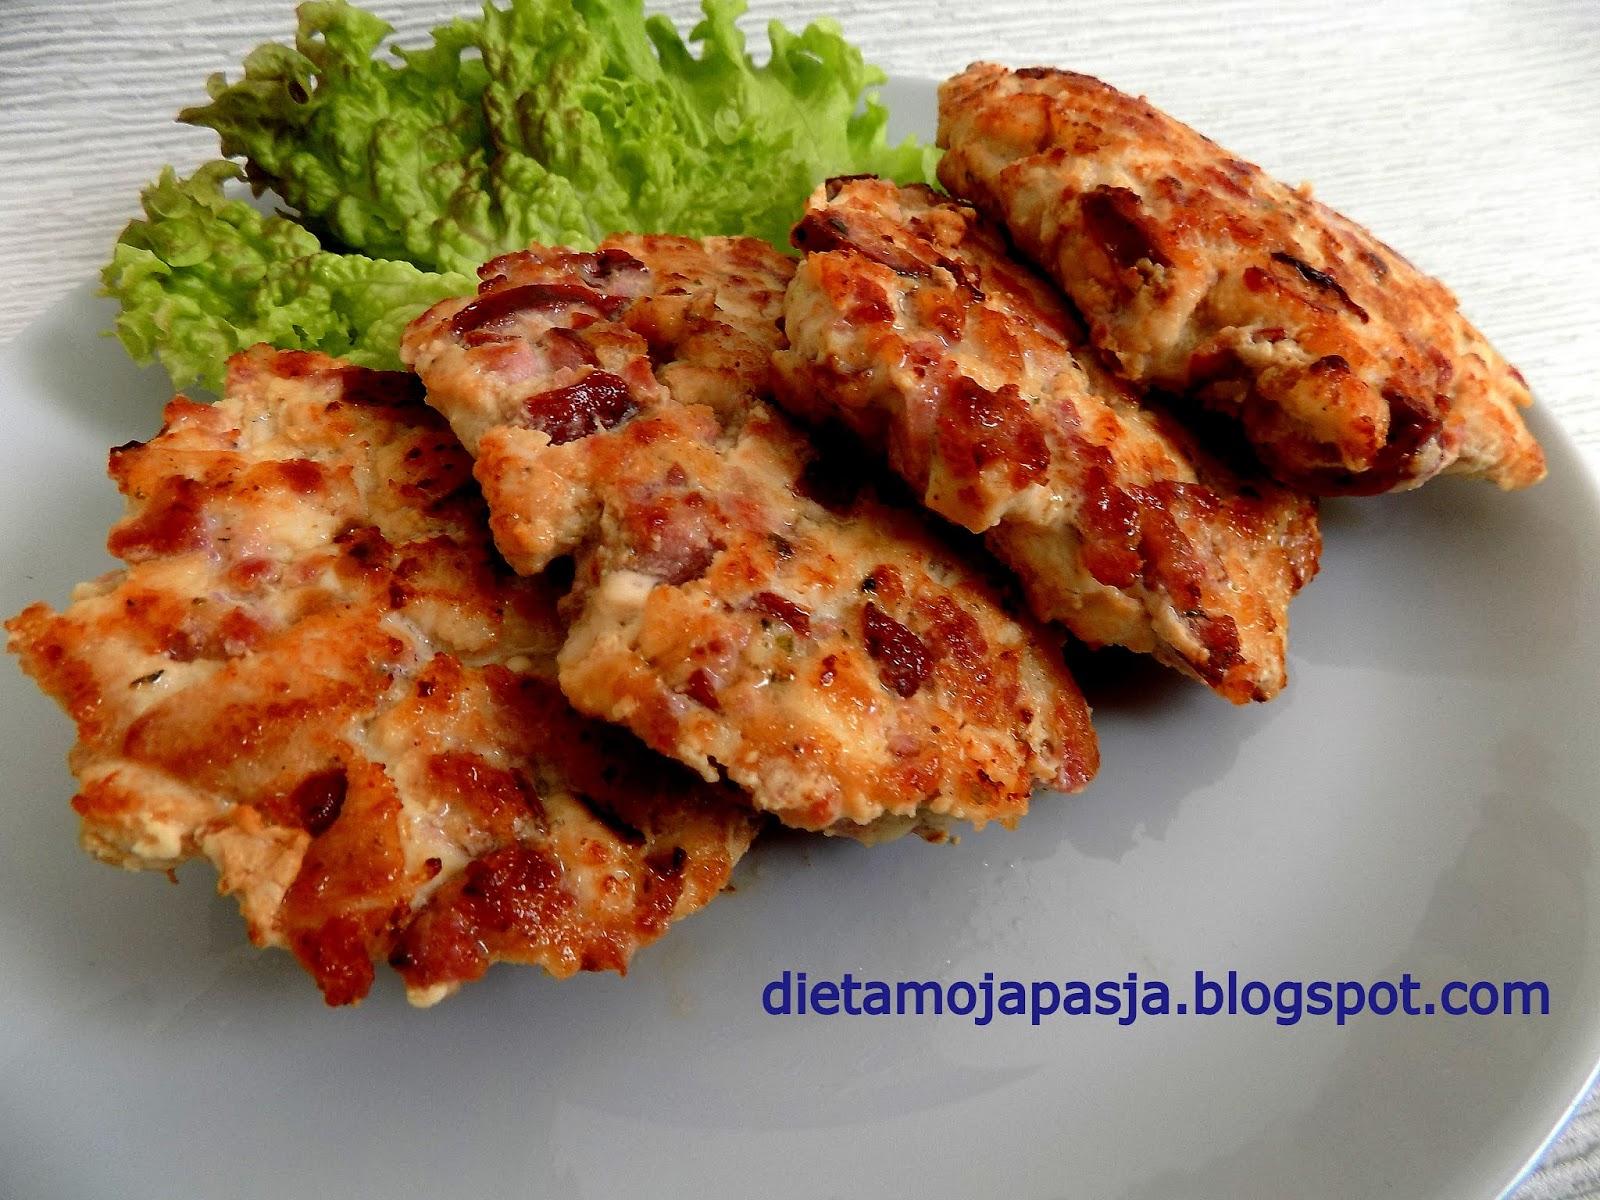 Kotlety siekane z kurczaka